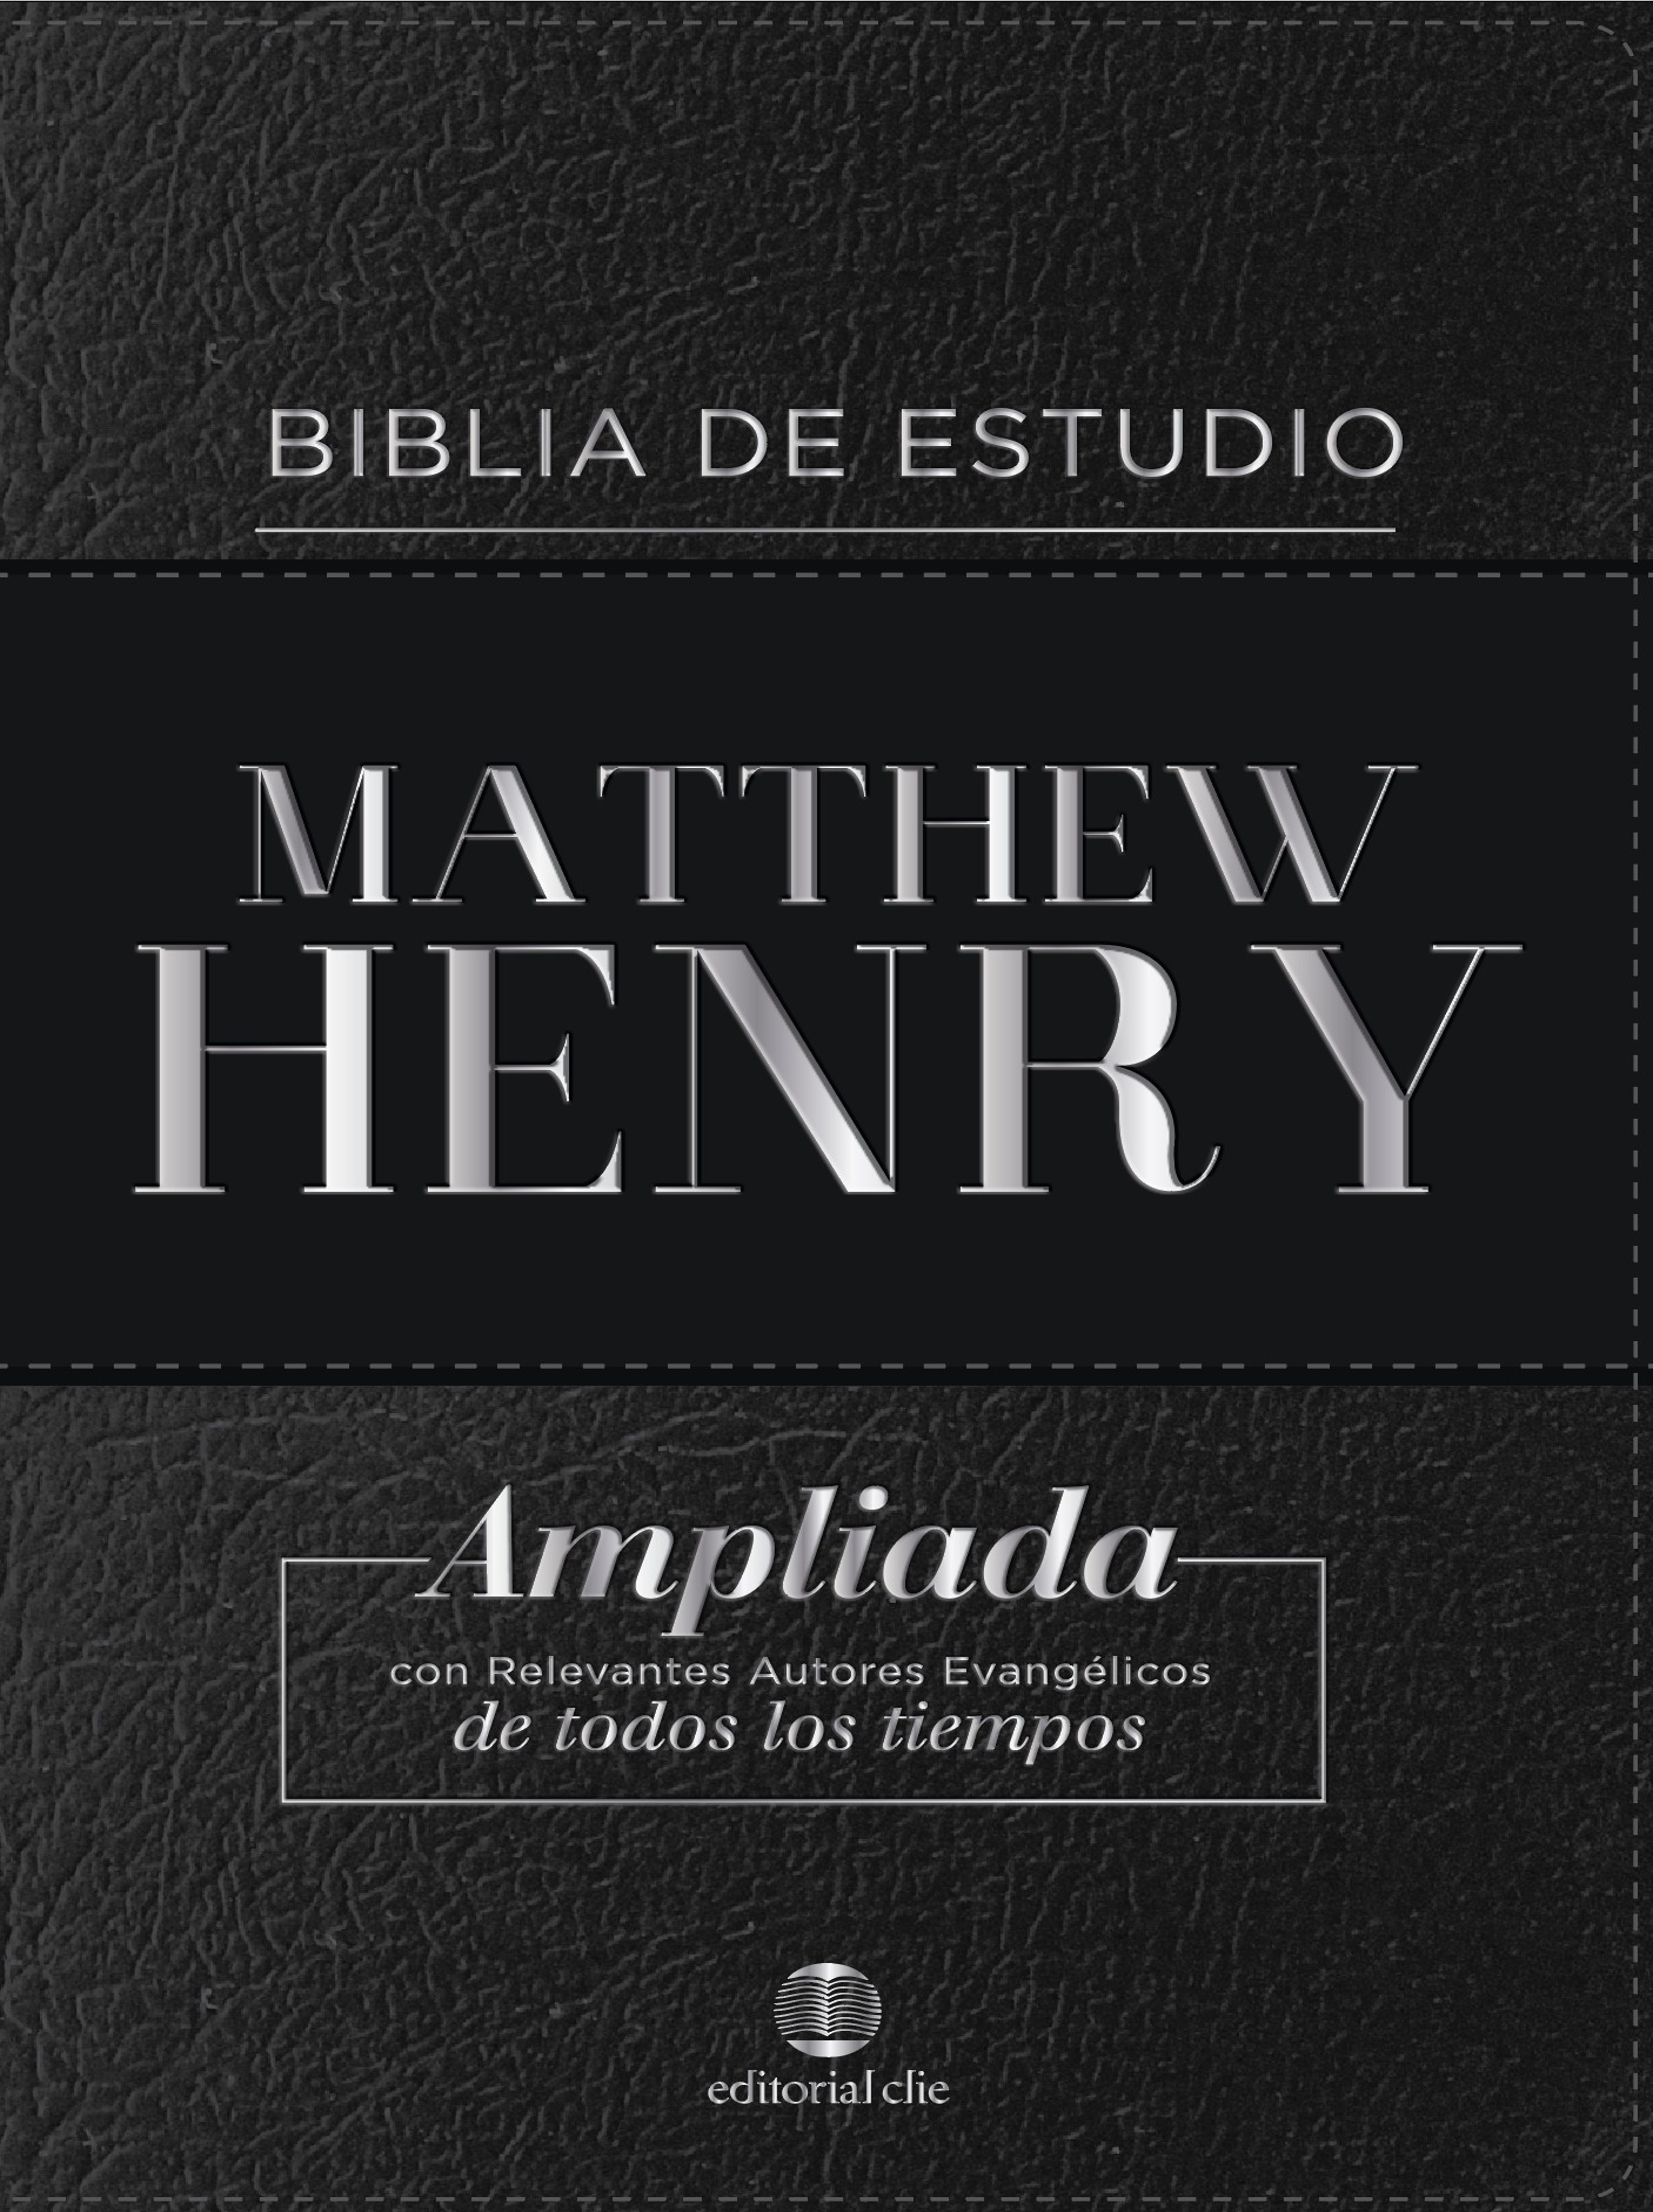 Biblia Estudio Matthew Henry